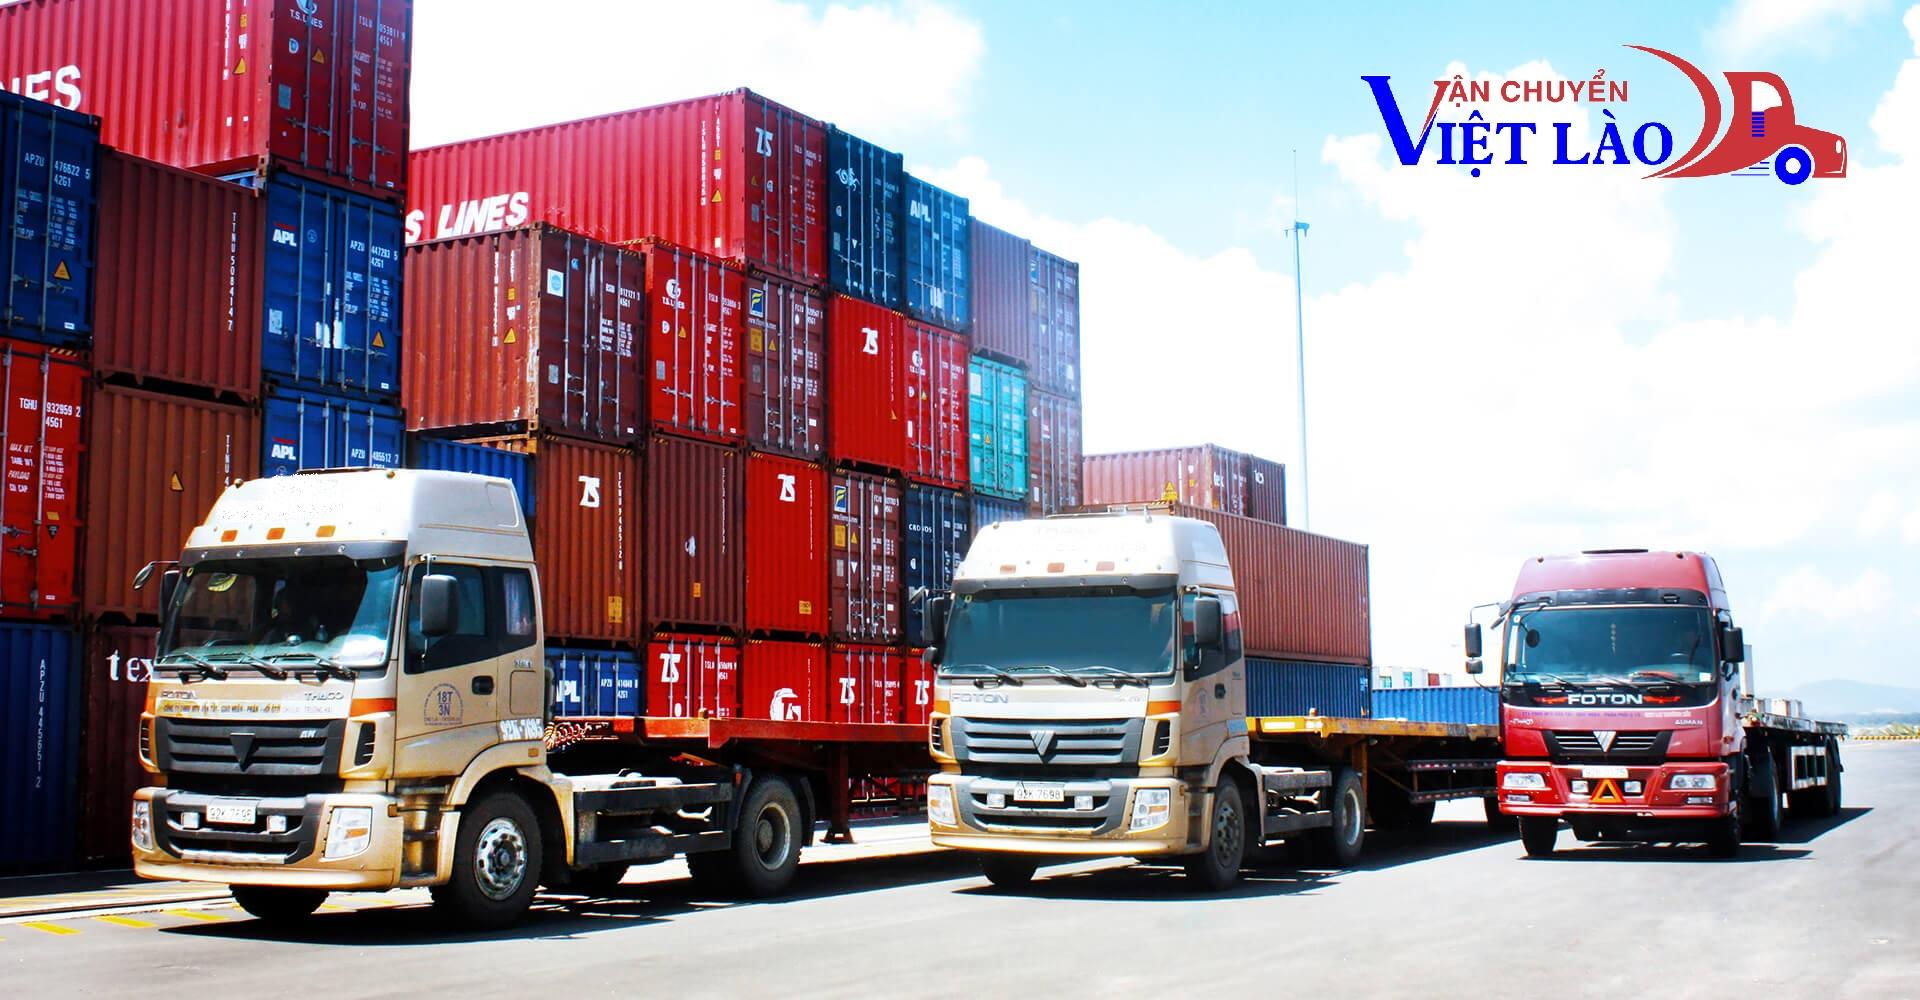 Nhiều xe vận chuyển đi Pakse ở Đà Nẵng